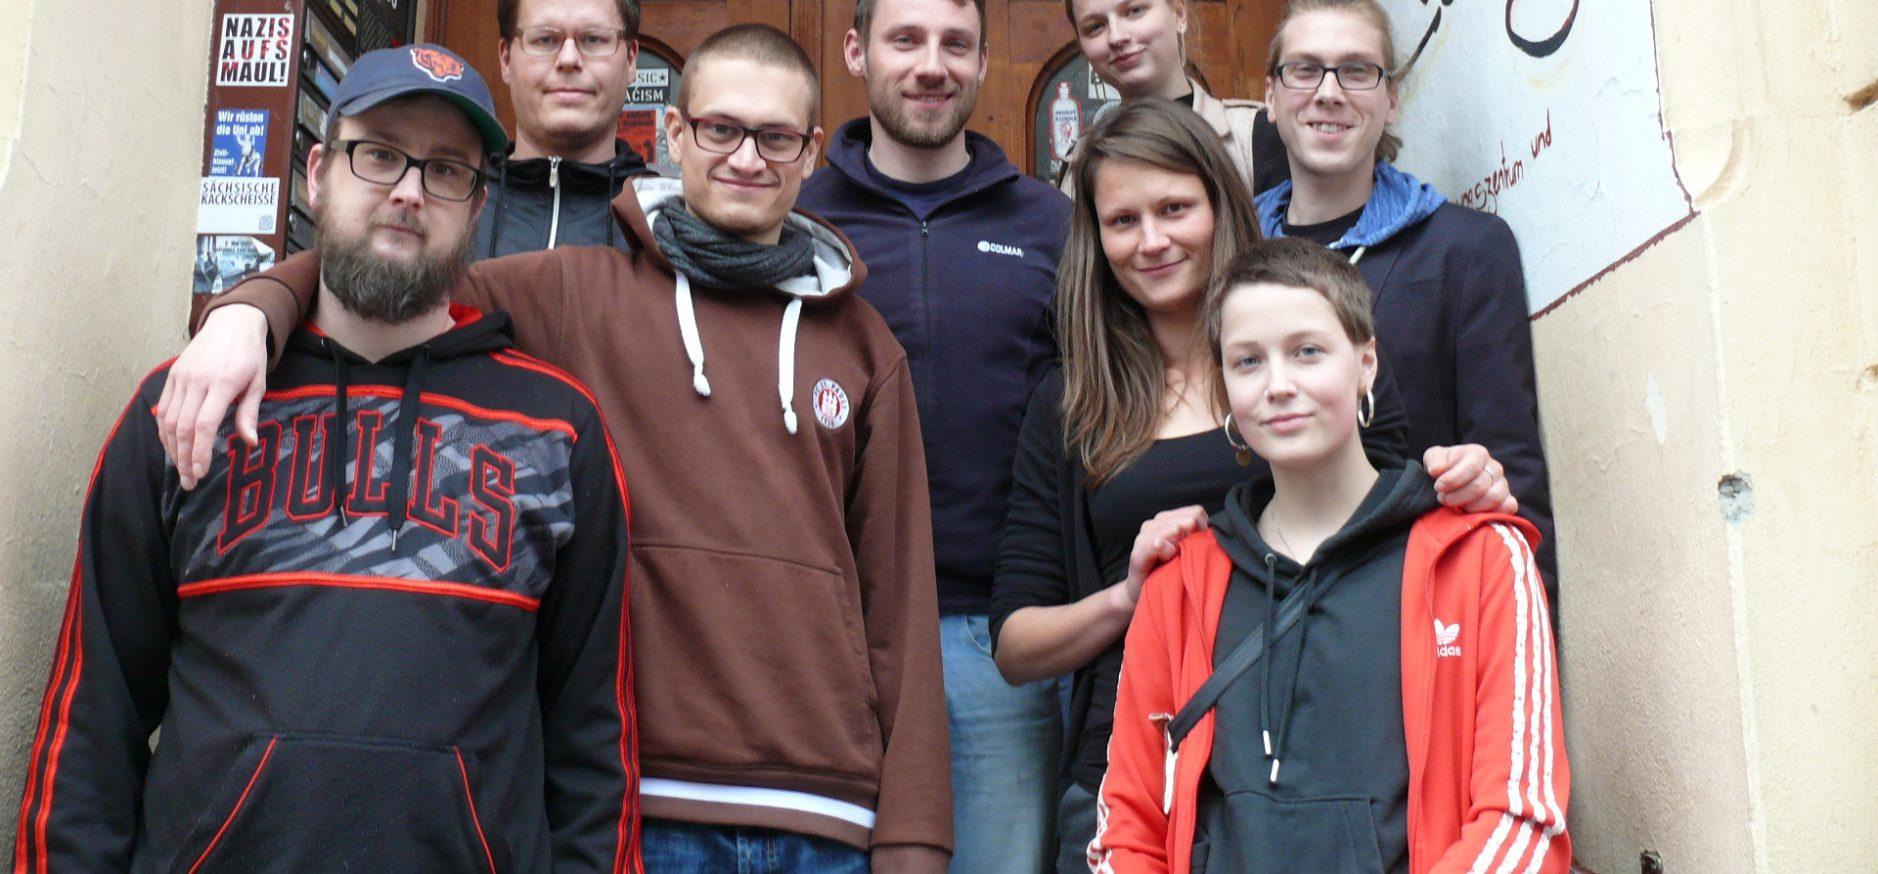 Treibhaus e.V. wählt neuen Vorstand